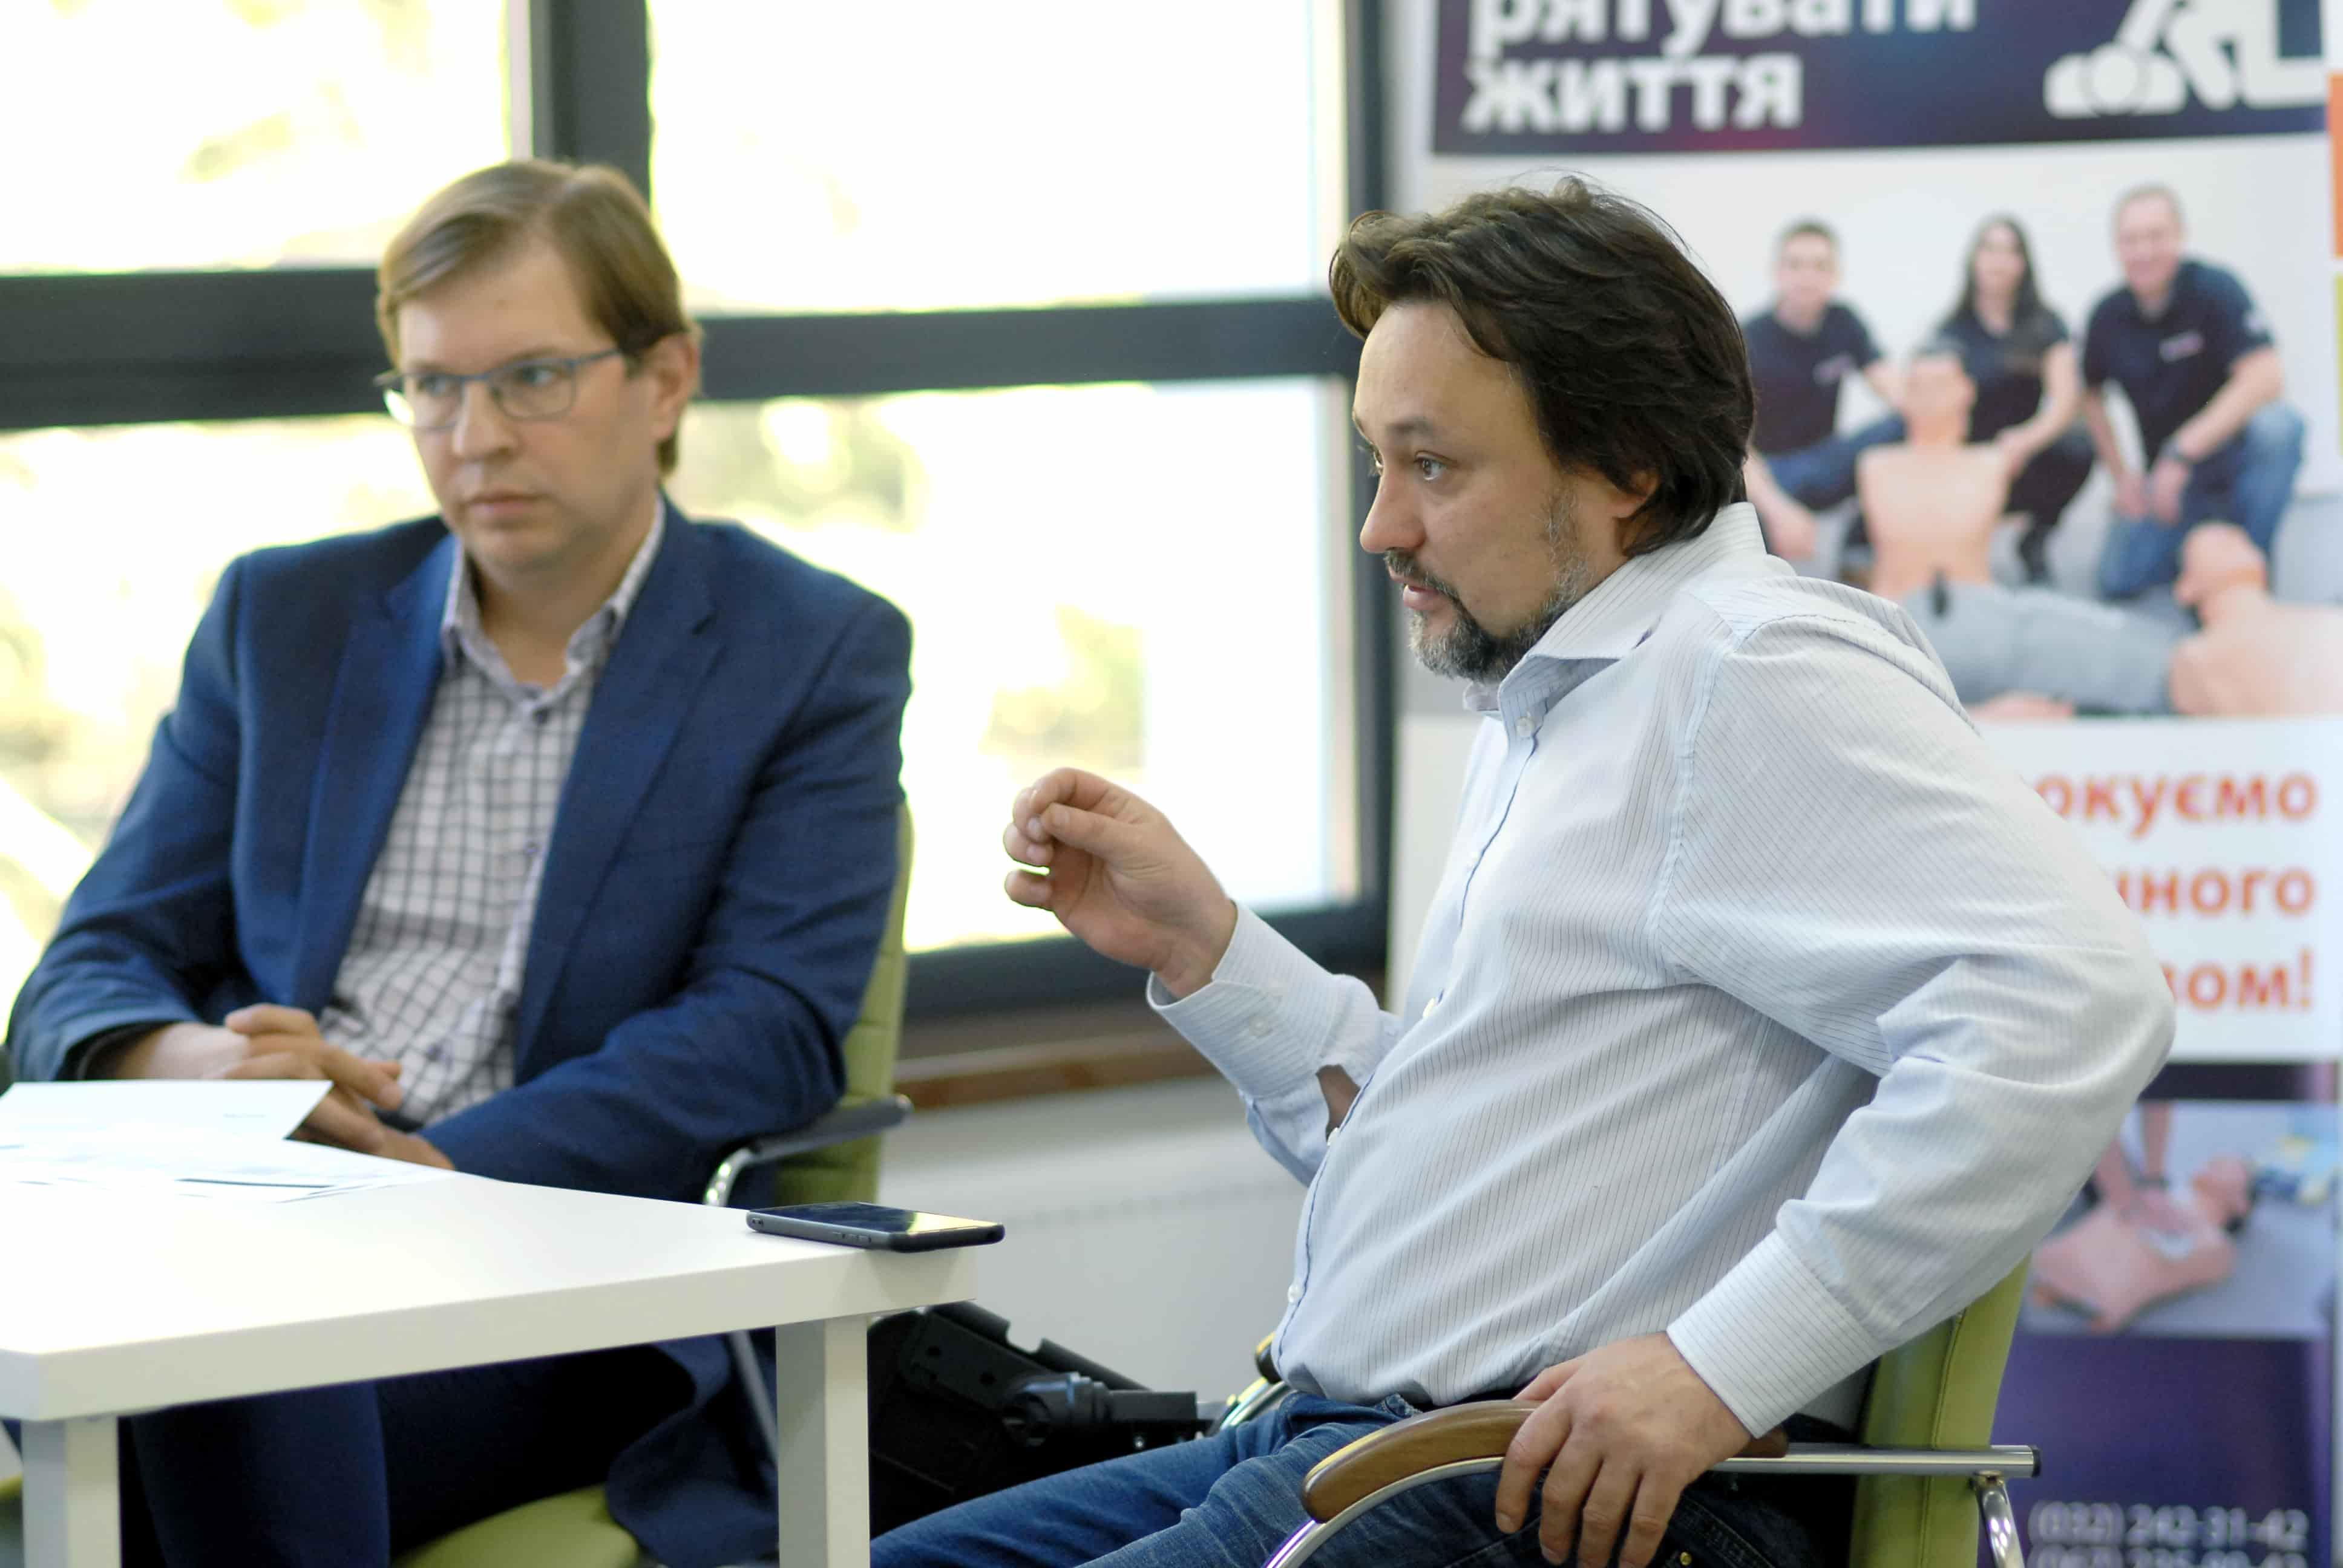 «Наше завдання — допомога!» Інтерв'ю з керівниками реабілітаційної програми для сімей бійців АТО у Львові